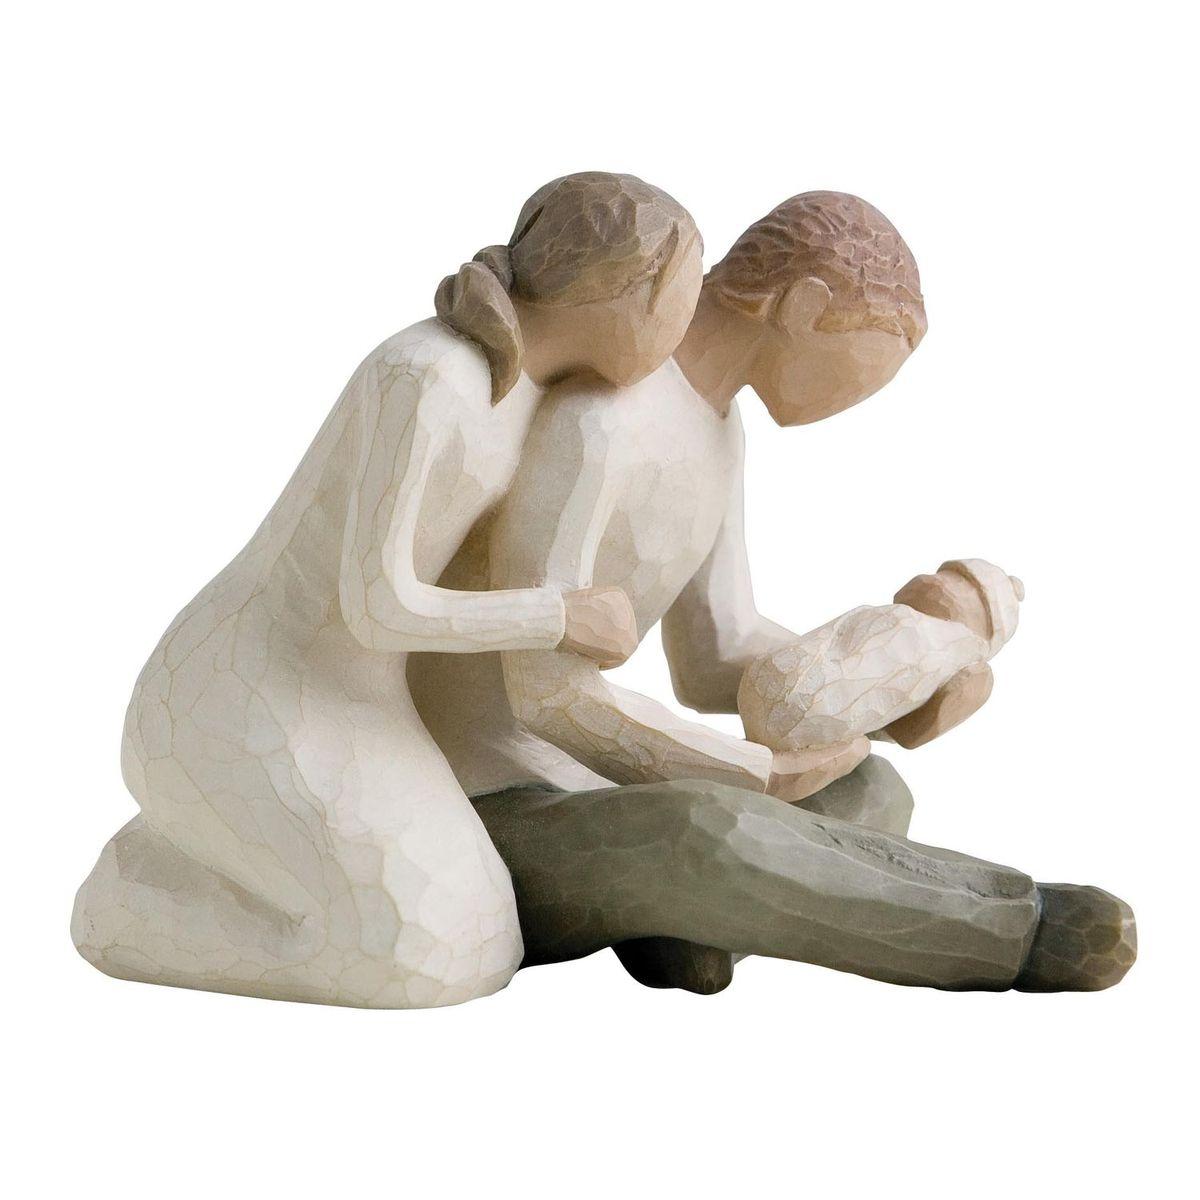 Фигурка декоративная Willow Tree Новая жизнь, высота 12,5 см26029Декоративная фигурка Willow Tree создана канадским скульптором Сьюзан Лорди. Фигурка выполнена из искусственного камня (49% карбонат кальция мелкозернистой разновидности, 51% искусственный камень).Фигурка Willow Tree – это настоящее произведение искусства, образная скульптура в миниатюре, изображающая эмоции и чувства, которые помогают чувствовать себя ближе к другим, верить в мечту, выражать любовь.Фигурка помещена в красивую упаковку.Купить такой оригинальный подарок, значит не только украсить интерьер помещения или жилой комнаты, но выразить свое глубокое отношение к любимому человеку. Этот прекрасный сувенир будет лучшим подарком на день ангела, именины, день рождения, юбилей.